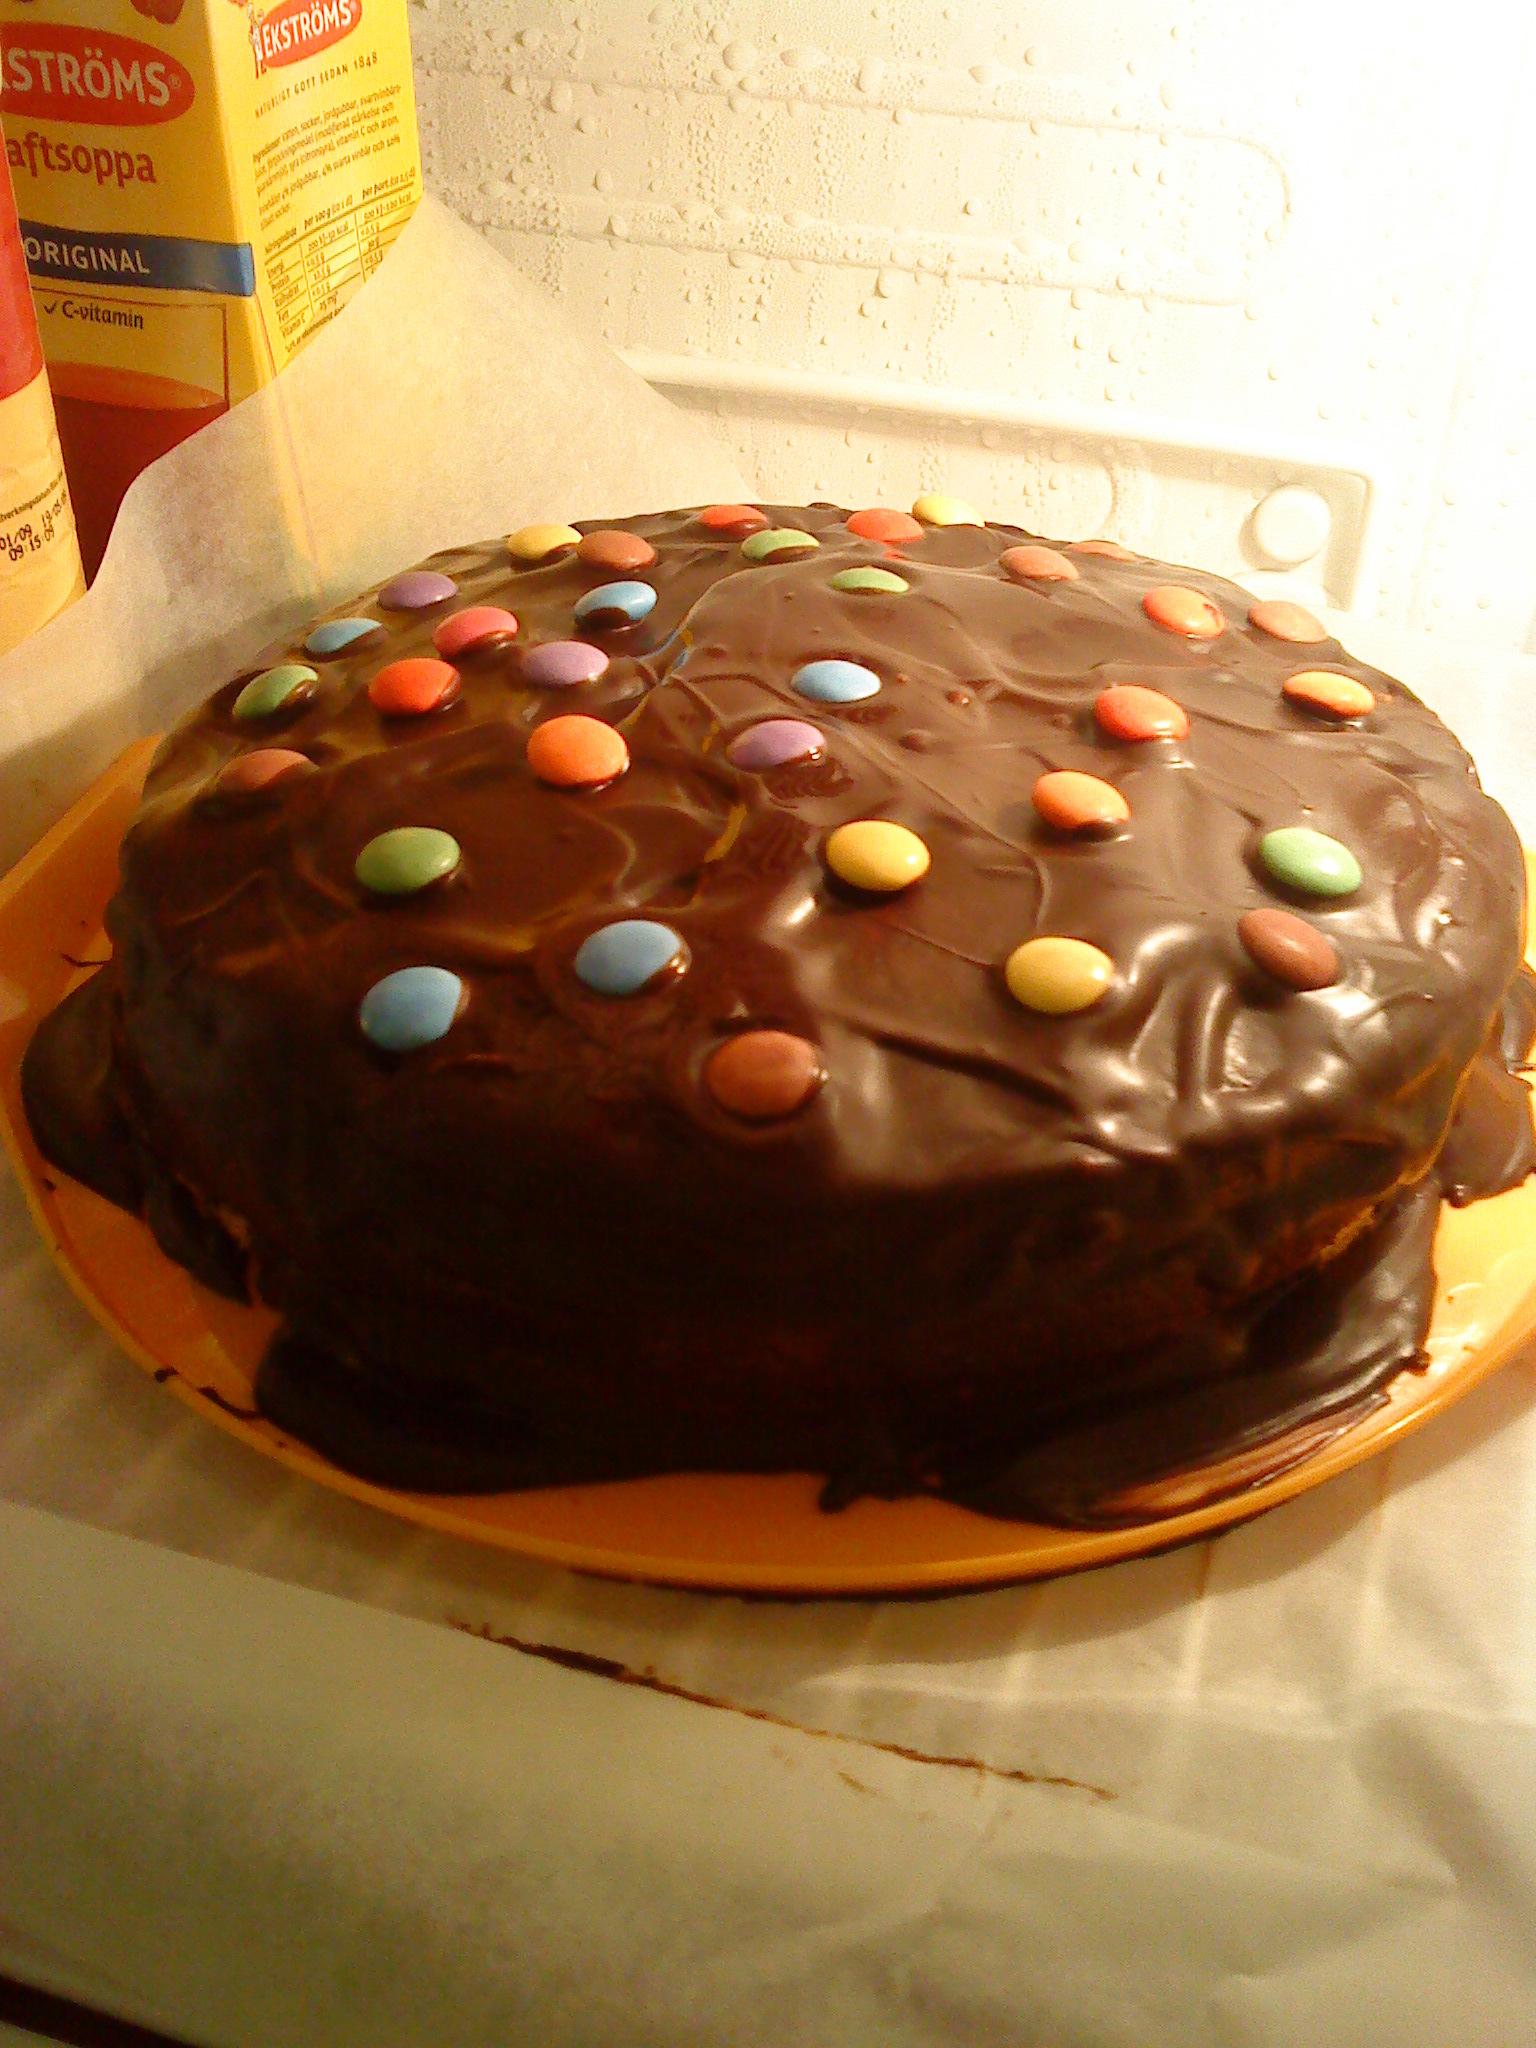 karamell tårta